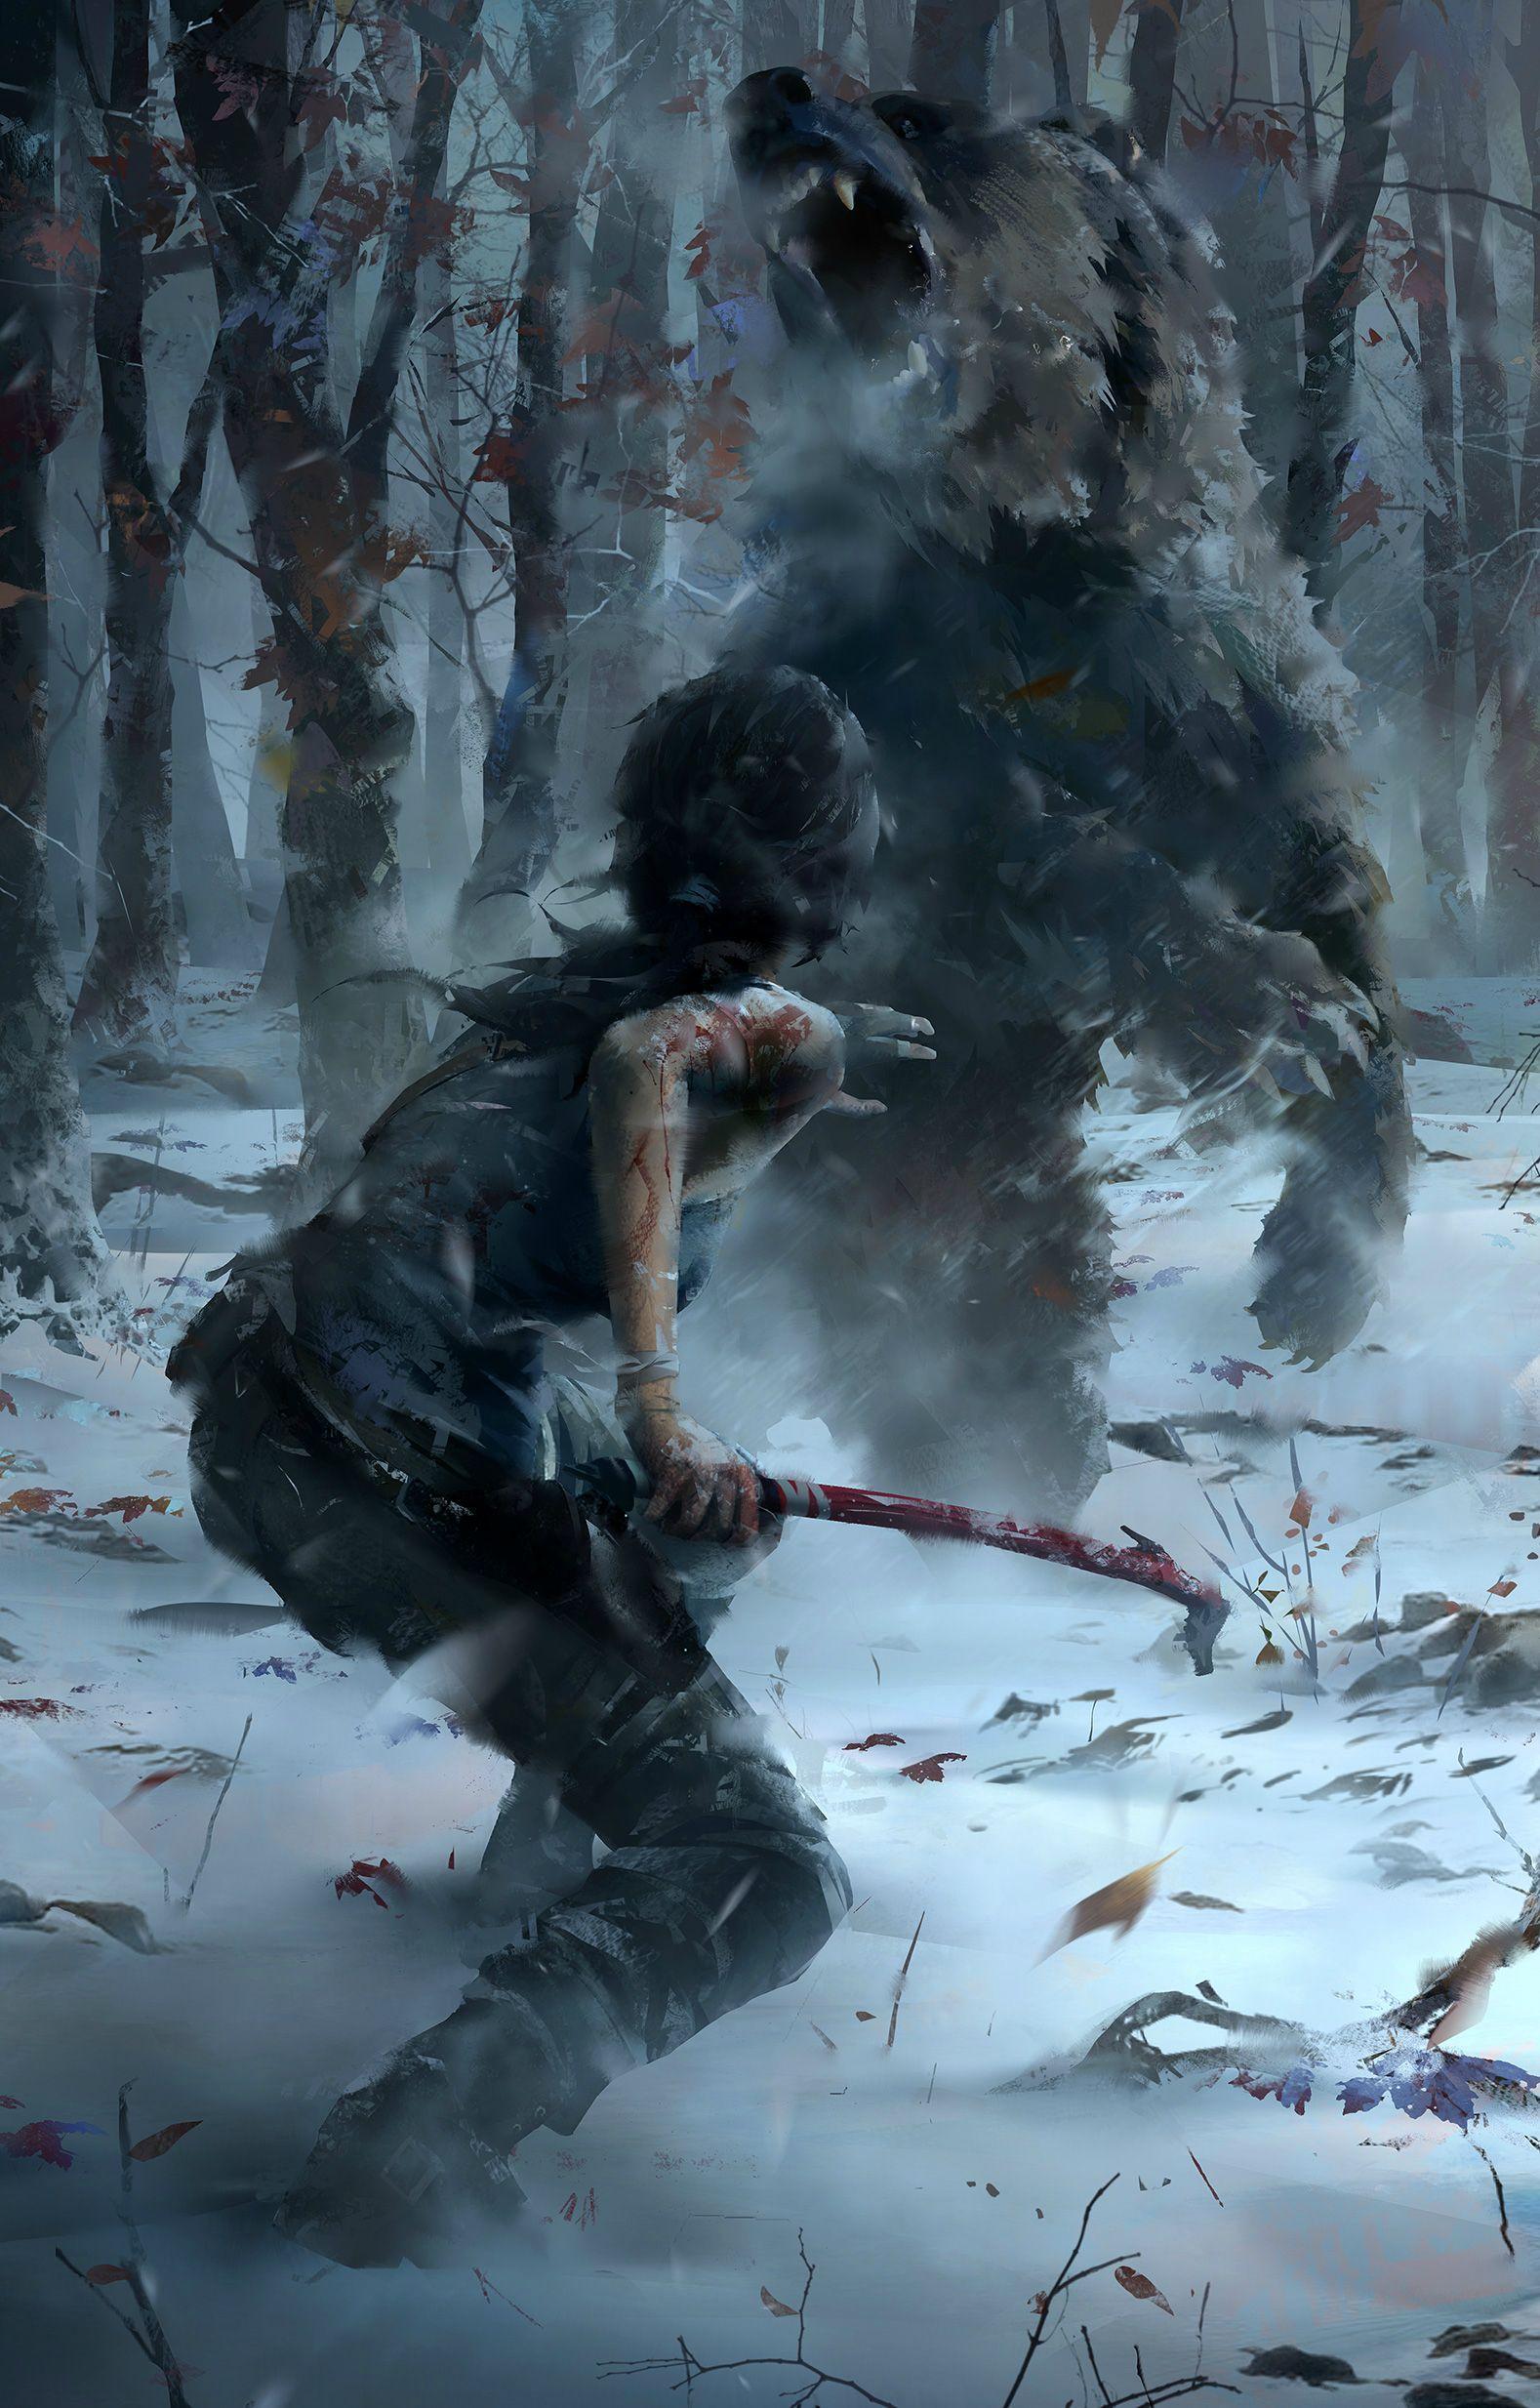 [E314] Trailer de anuncio de Tomb Raider 2 Ngwt